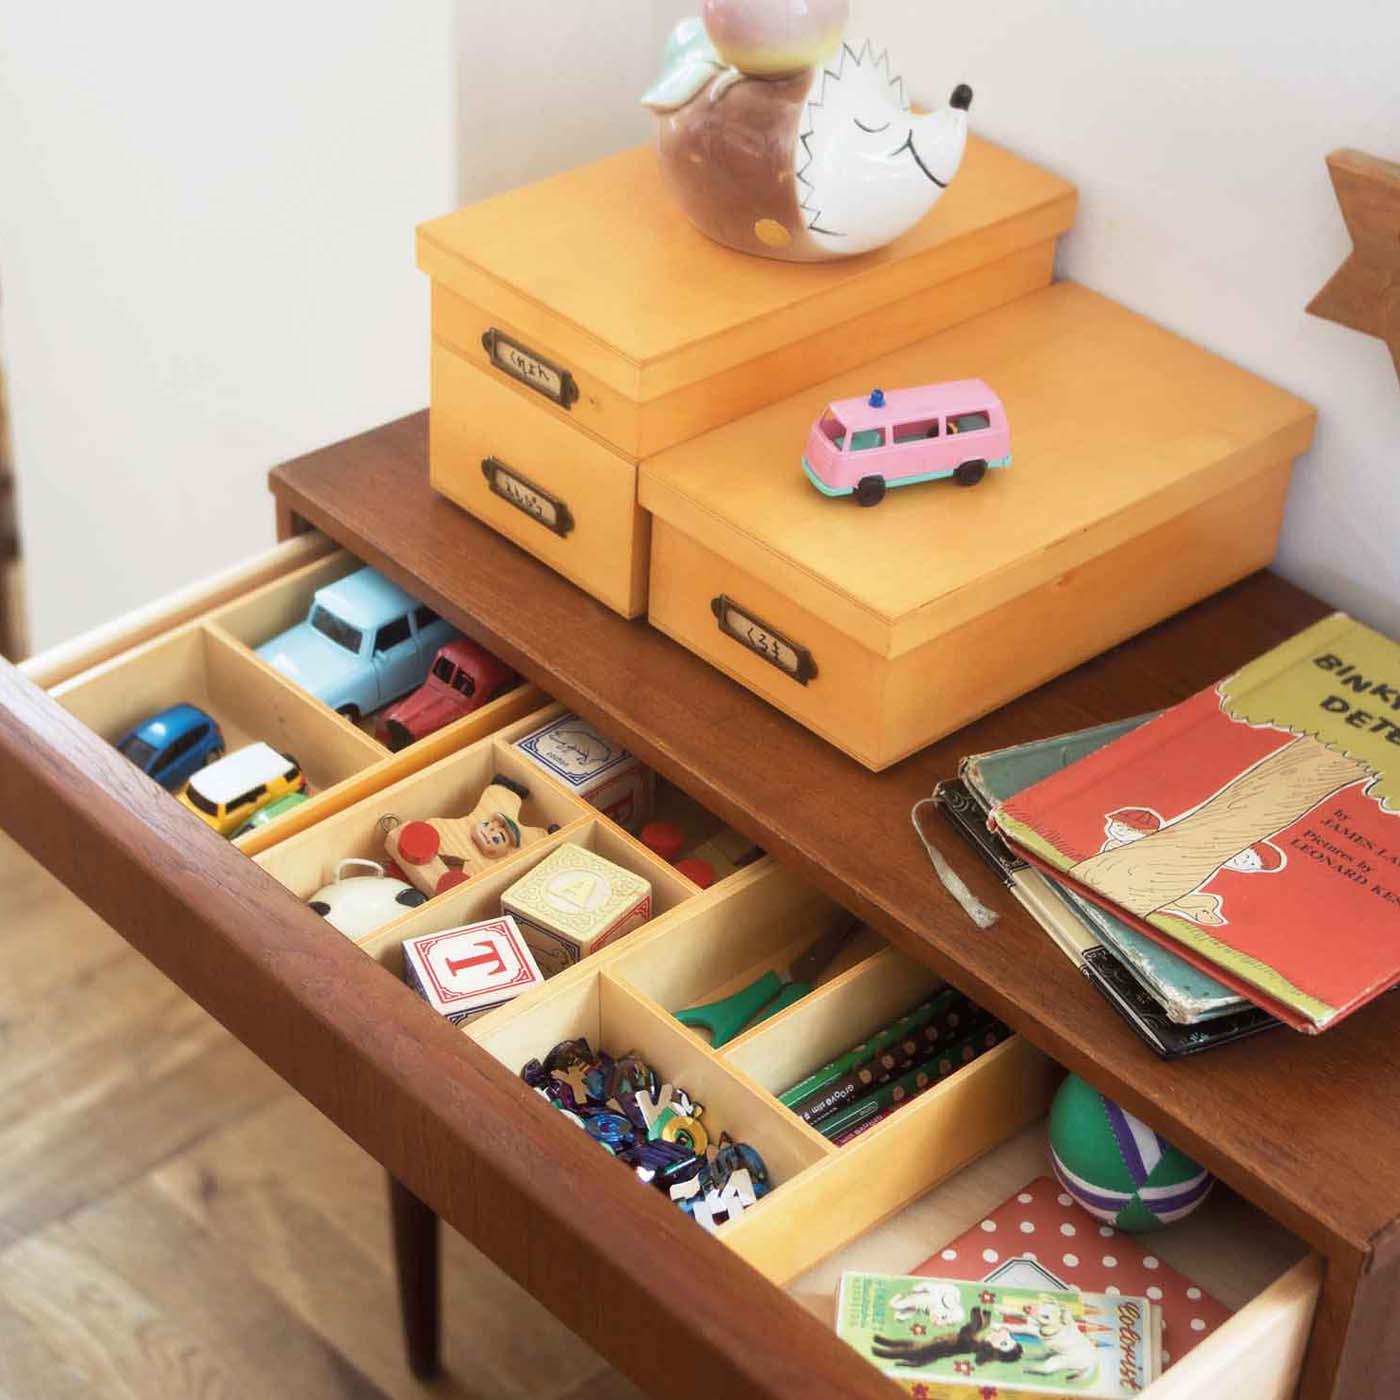 シールやフィギュア、ブロックやお菓子のおまけ……。子どもたちの小さな宝物たちも、すっきり仕切ってお片づけできるね。